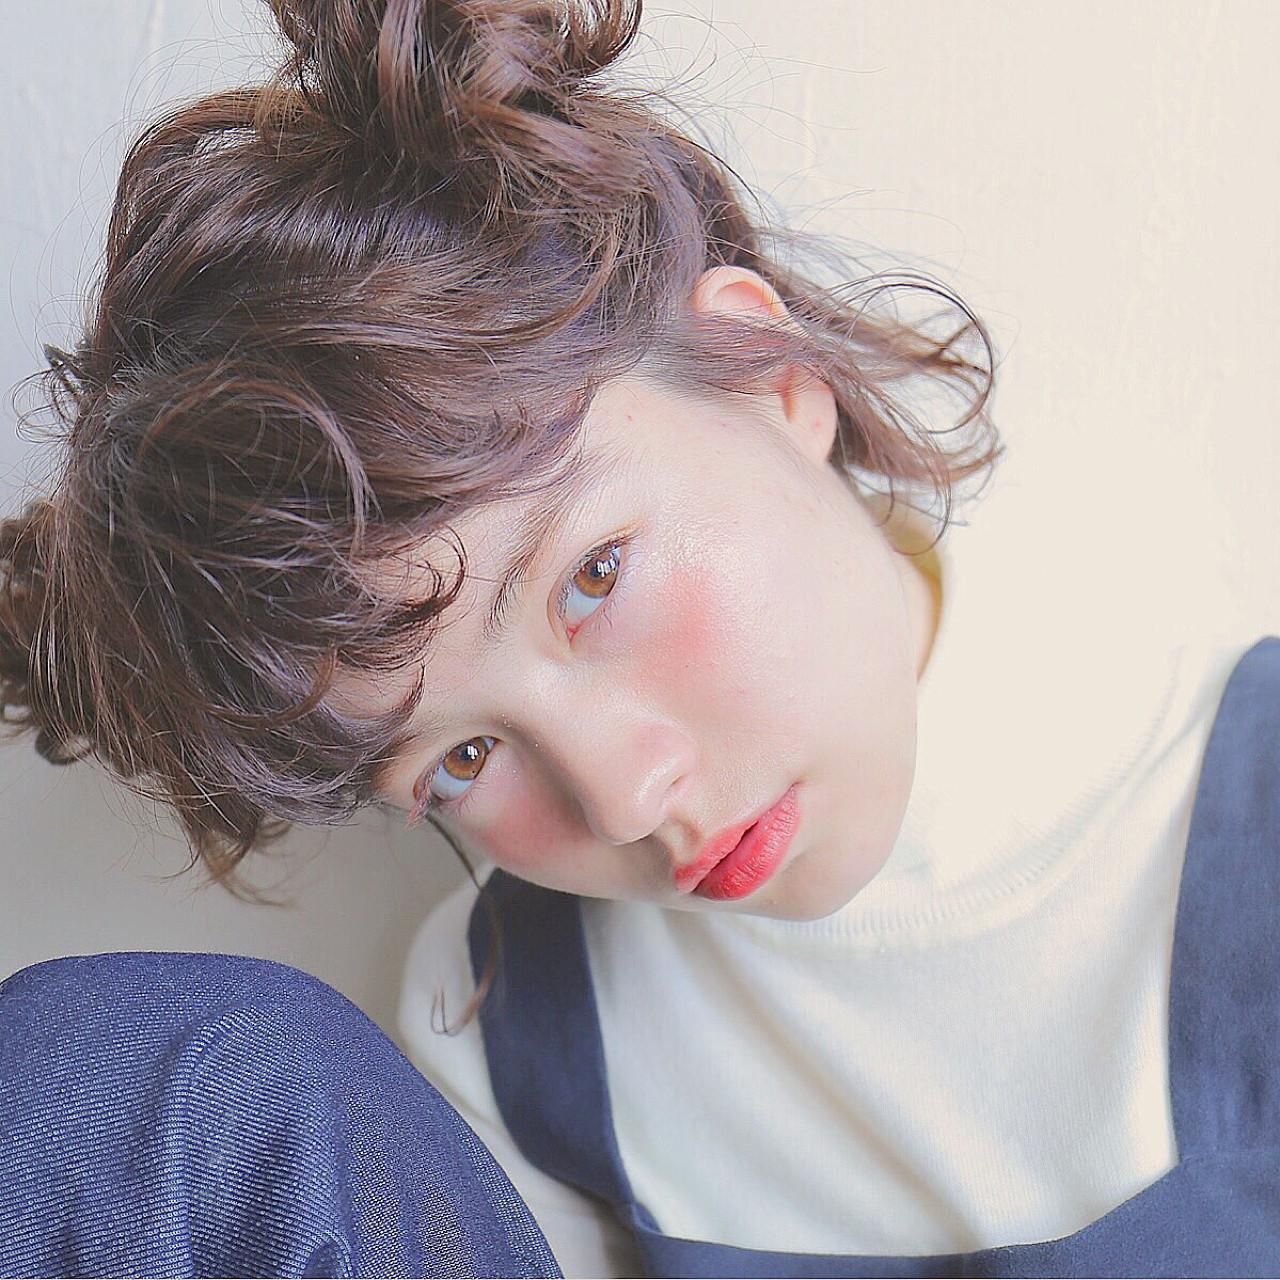 ヘアアレンジ ブラウン 外国人風 ボブ ヘアスタイルや髪型の写真・画像